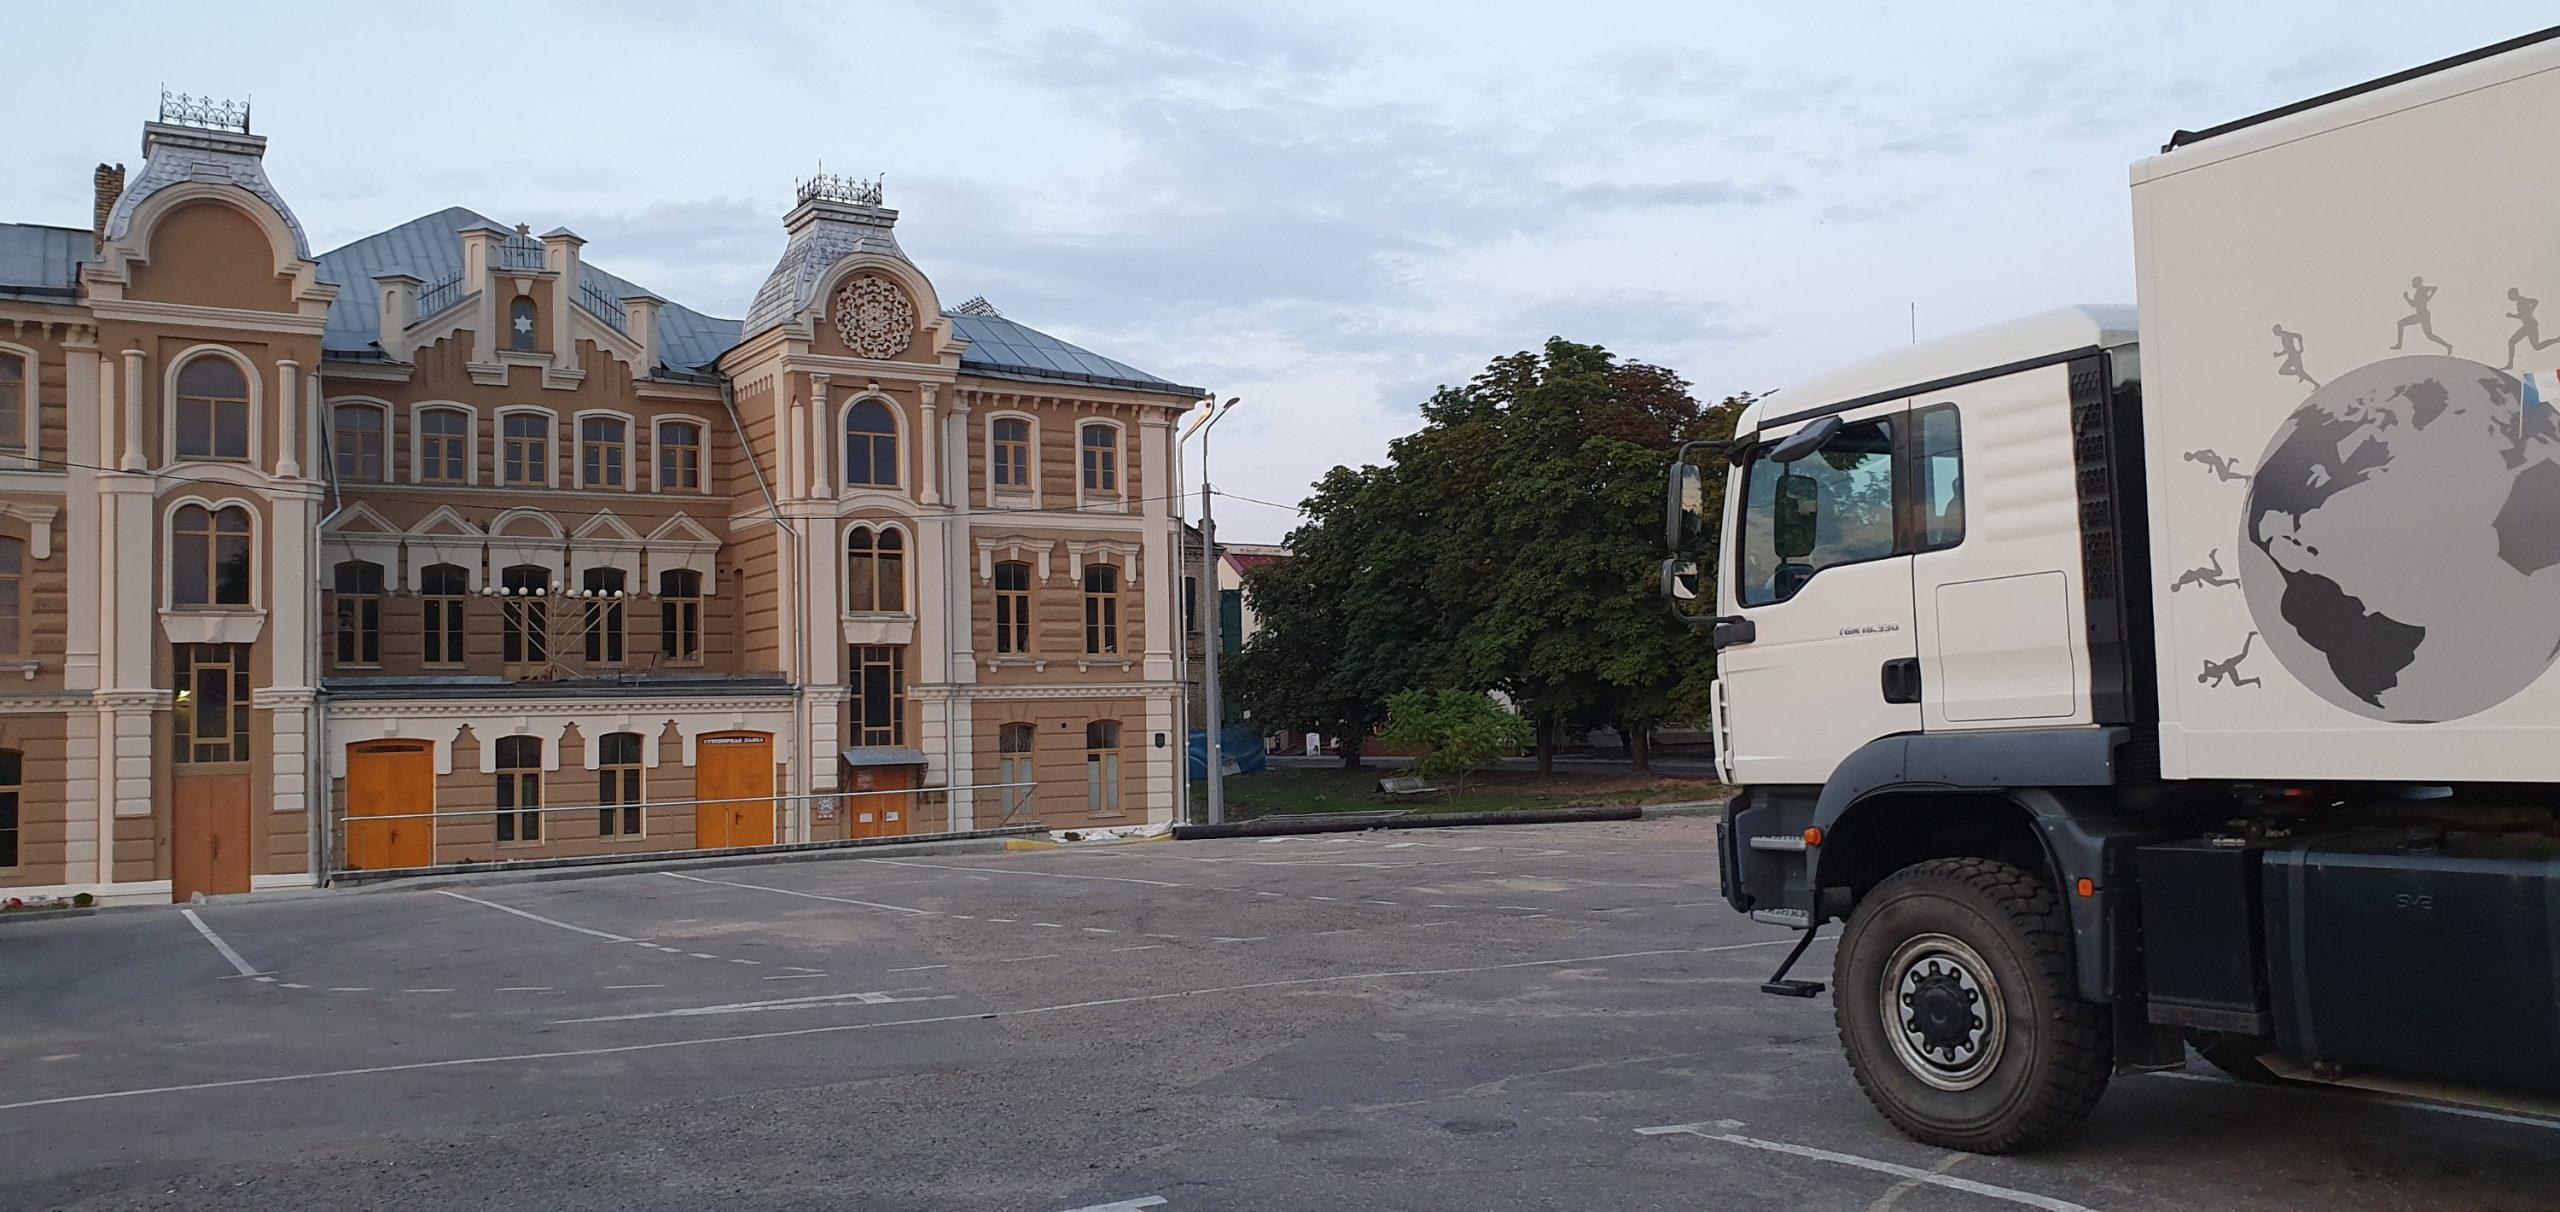 24 juillet : Arrivée en Biélorussie